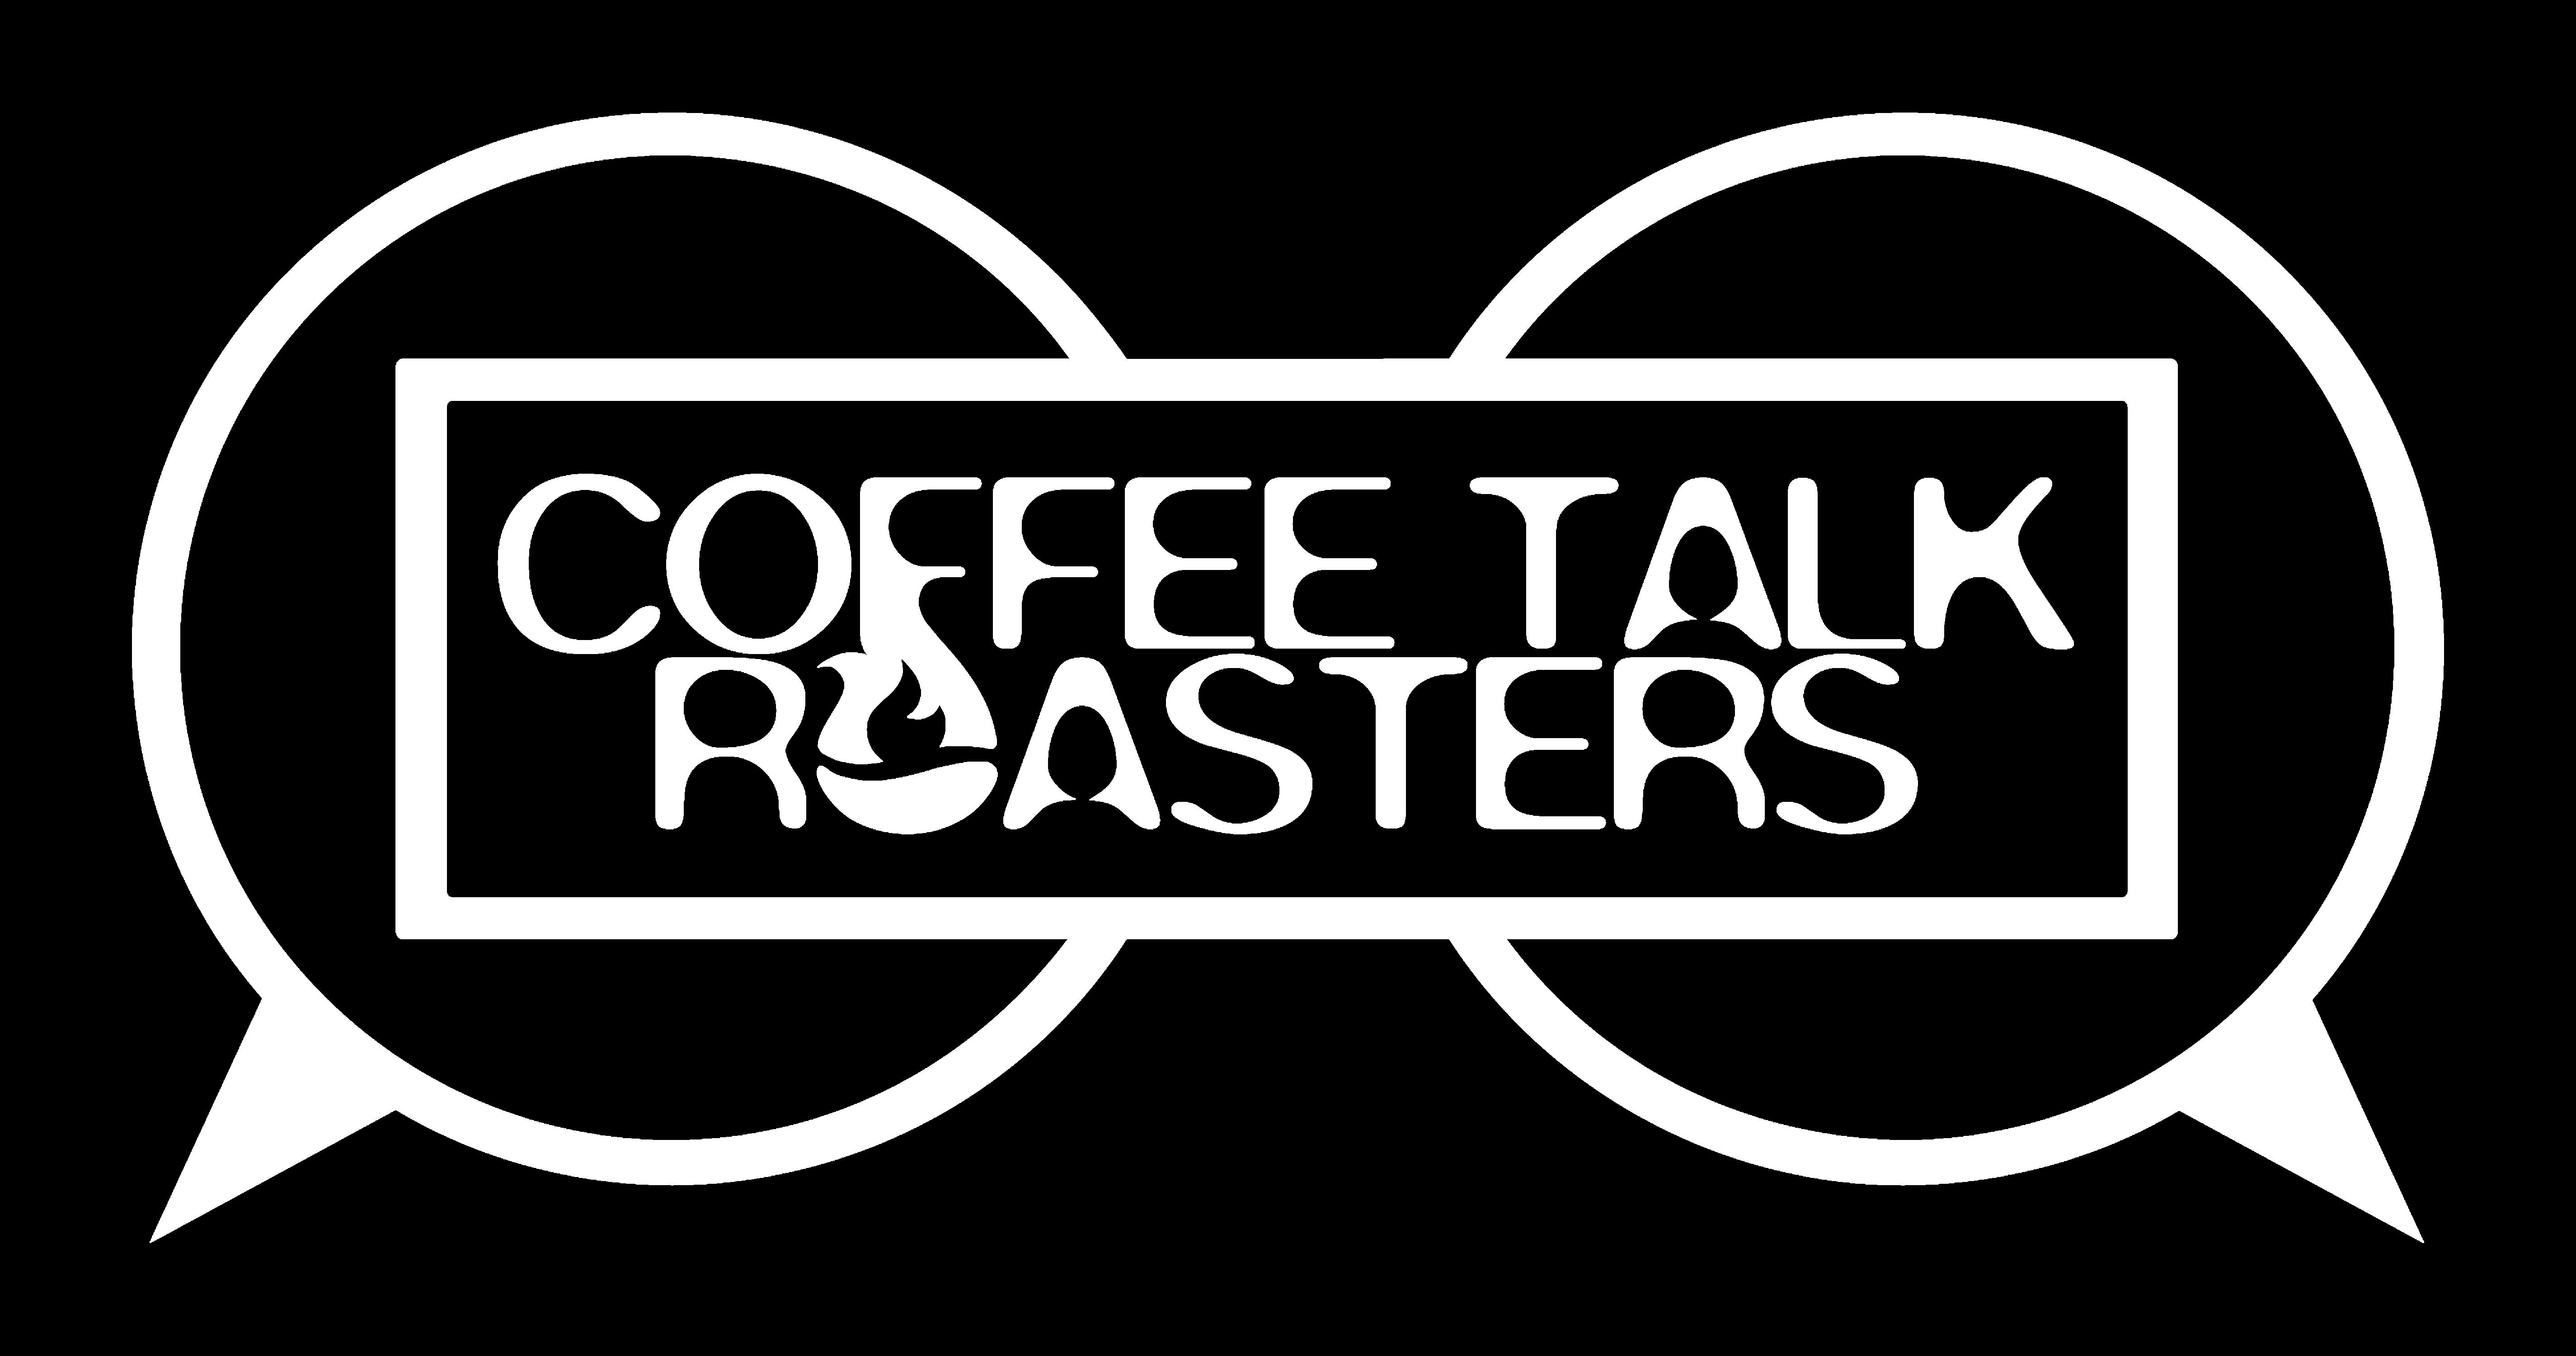 coffeetalkroasters.com